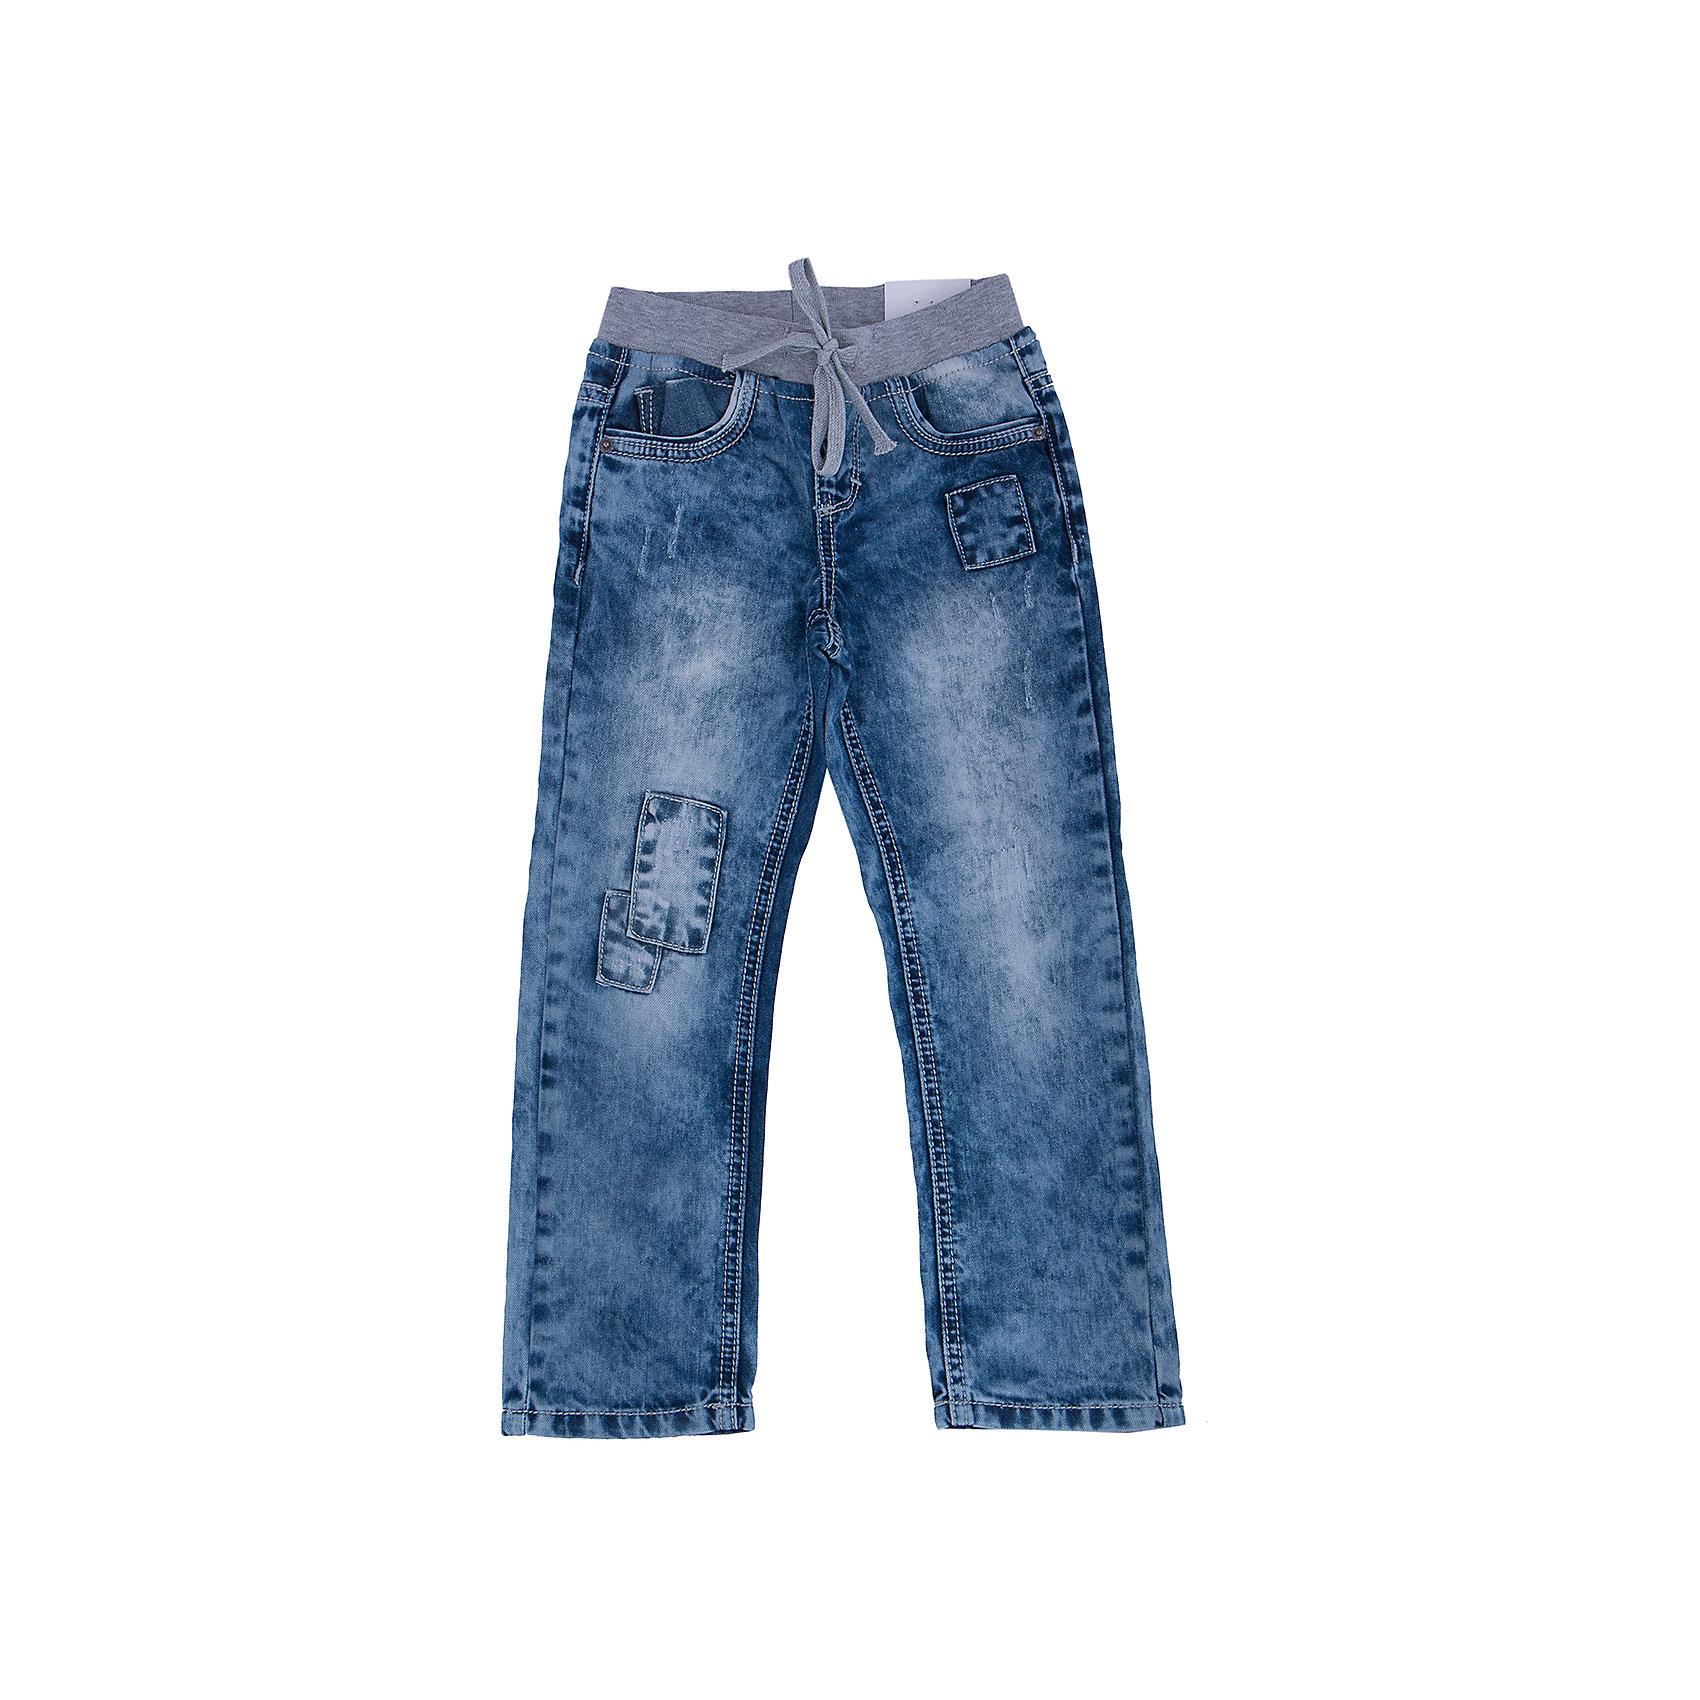 Джинсы для мальчика PlayTodayДжинсы для мальчика от известного бренда PlayToday.<br>Очень стильные вареные джинсы с зауженным силуэтом. Пояс на серой трикотажной резинке, дополнительно регулируется тесьмой. Классическая пятикарманка.<br>Состав:<br>100% хлопок<br><br>Ширина мм: 215<br>Глубина мм: 88<br>Высота мм: 191<br>Вес г: 336<br>Цвет: серый<br>Возраст от месяцев: 36<br>Возраст до месяцев: 48<br>Пол: Мужской<br>Возраст: Детский<br>Размер: 104,122,98,116,110,128<br>SKU: 4896780